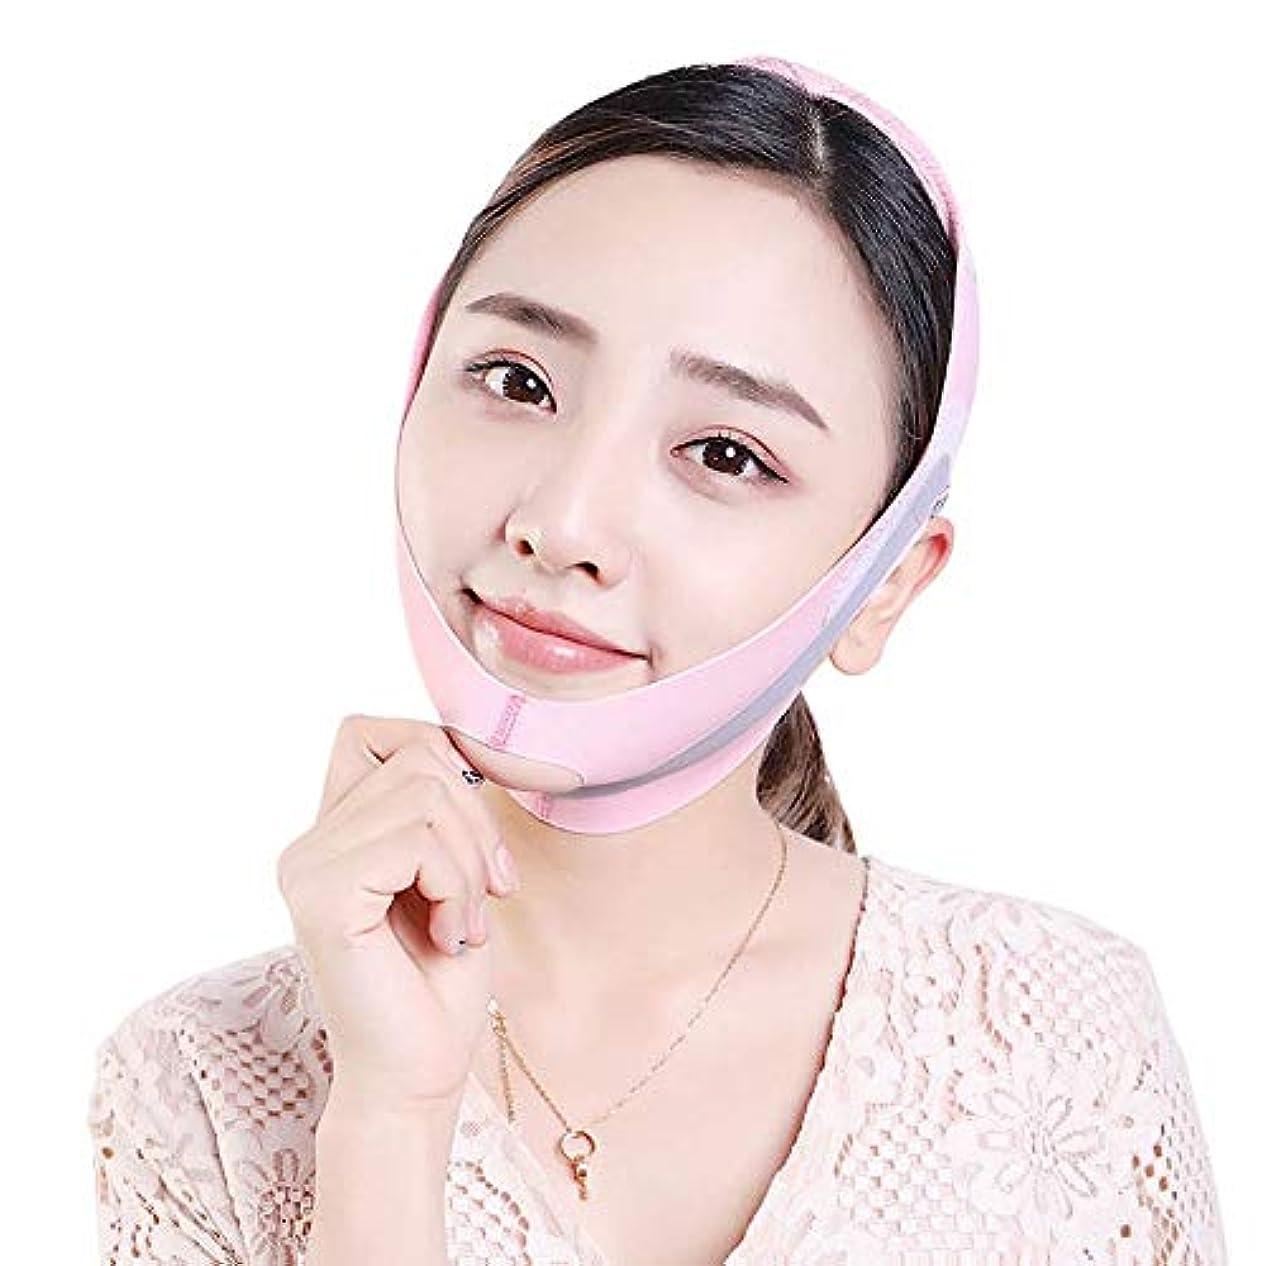 光電効能あるタンカーたるみを防ぐために顔を持ち上げるために筋肉を引き締めるために二重あごのステッカーとラインを削除するために、顔を持ち上げるアーティファクト包帯があります - ピンク